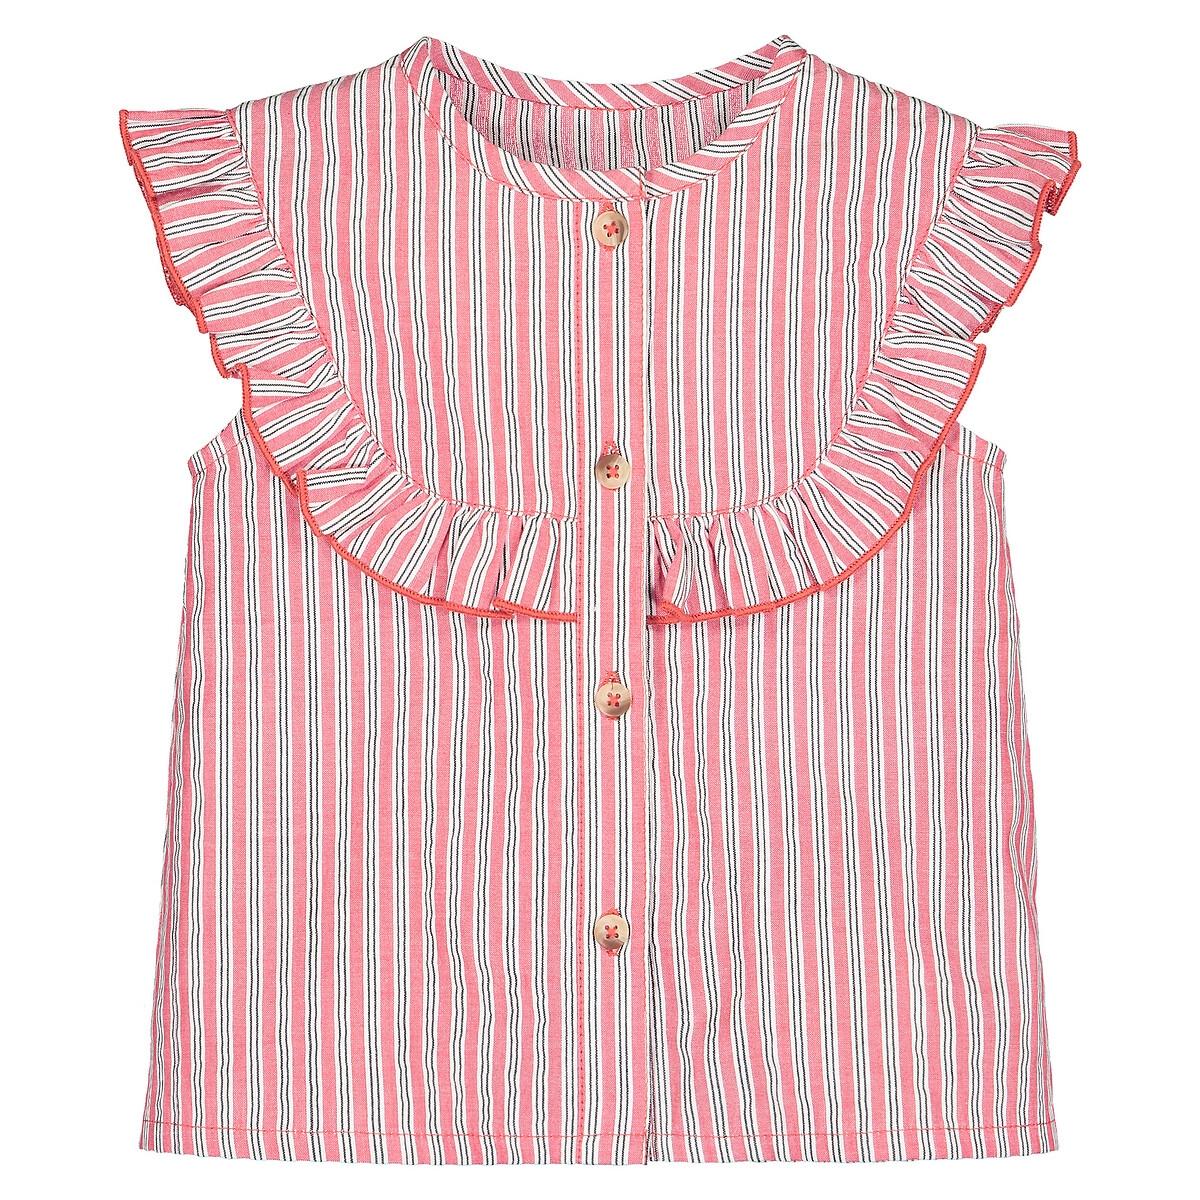 Блузка LaRedoute В полоску без рукавов 1 мес - 3 года 9 мес. - 71 см другие брюки laredoute из мольтона с бантом 1 мес 3 года 9 мес 71 см розовый